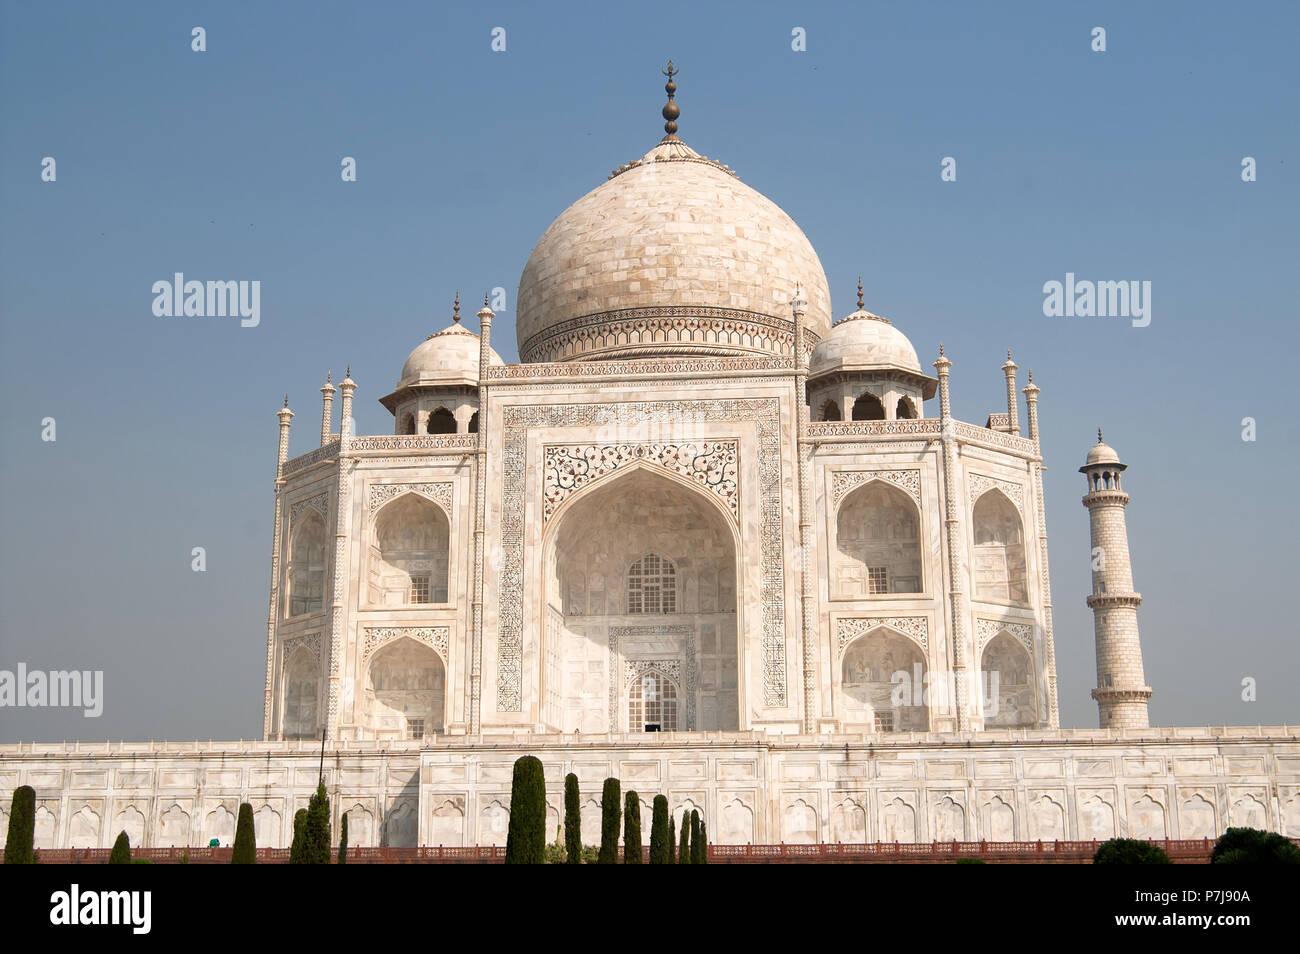 Marmo bianco Taj Mahal in India, Agra Immagini Stock